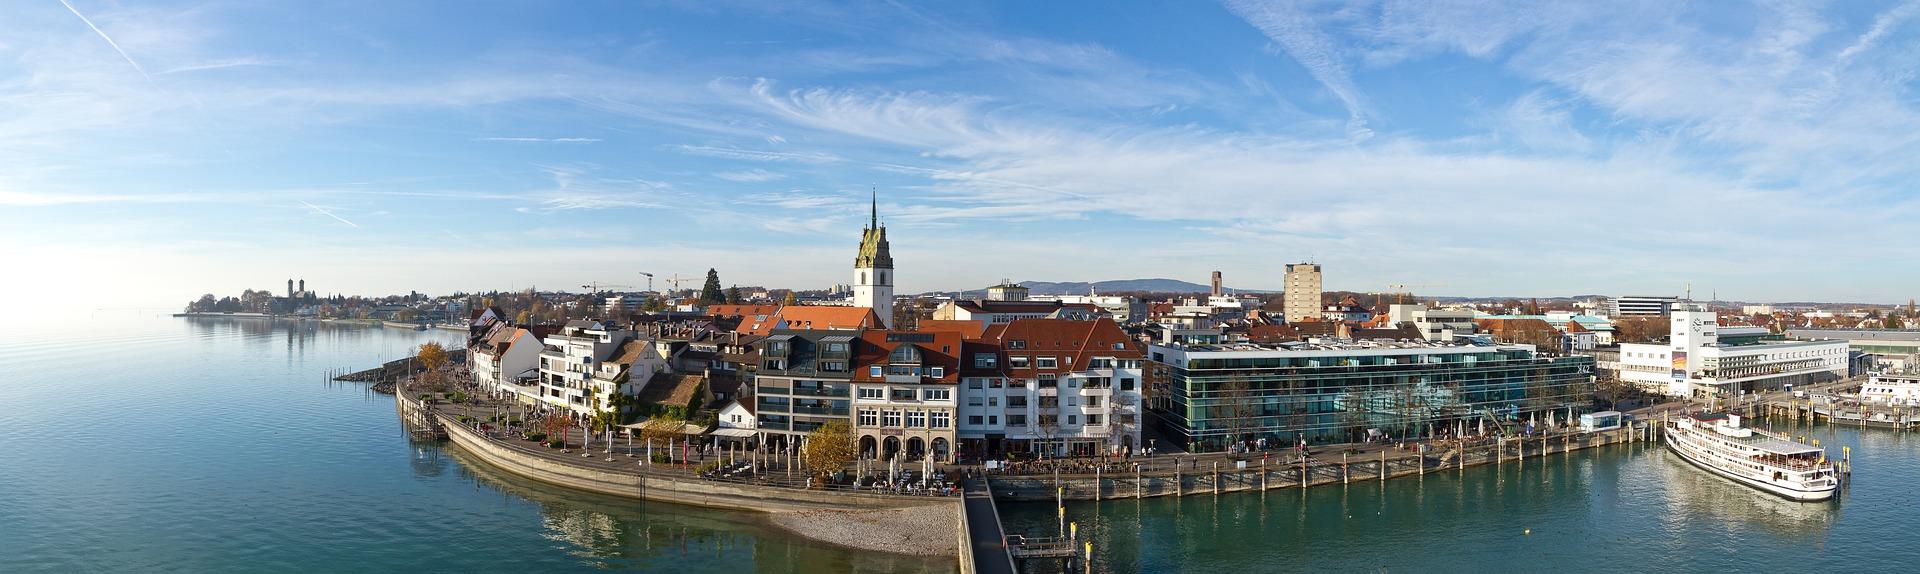 port 4402024 1920 - Interview mit Elisabeth Kröss von Bookiply in Friedrichshafen